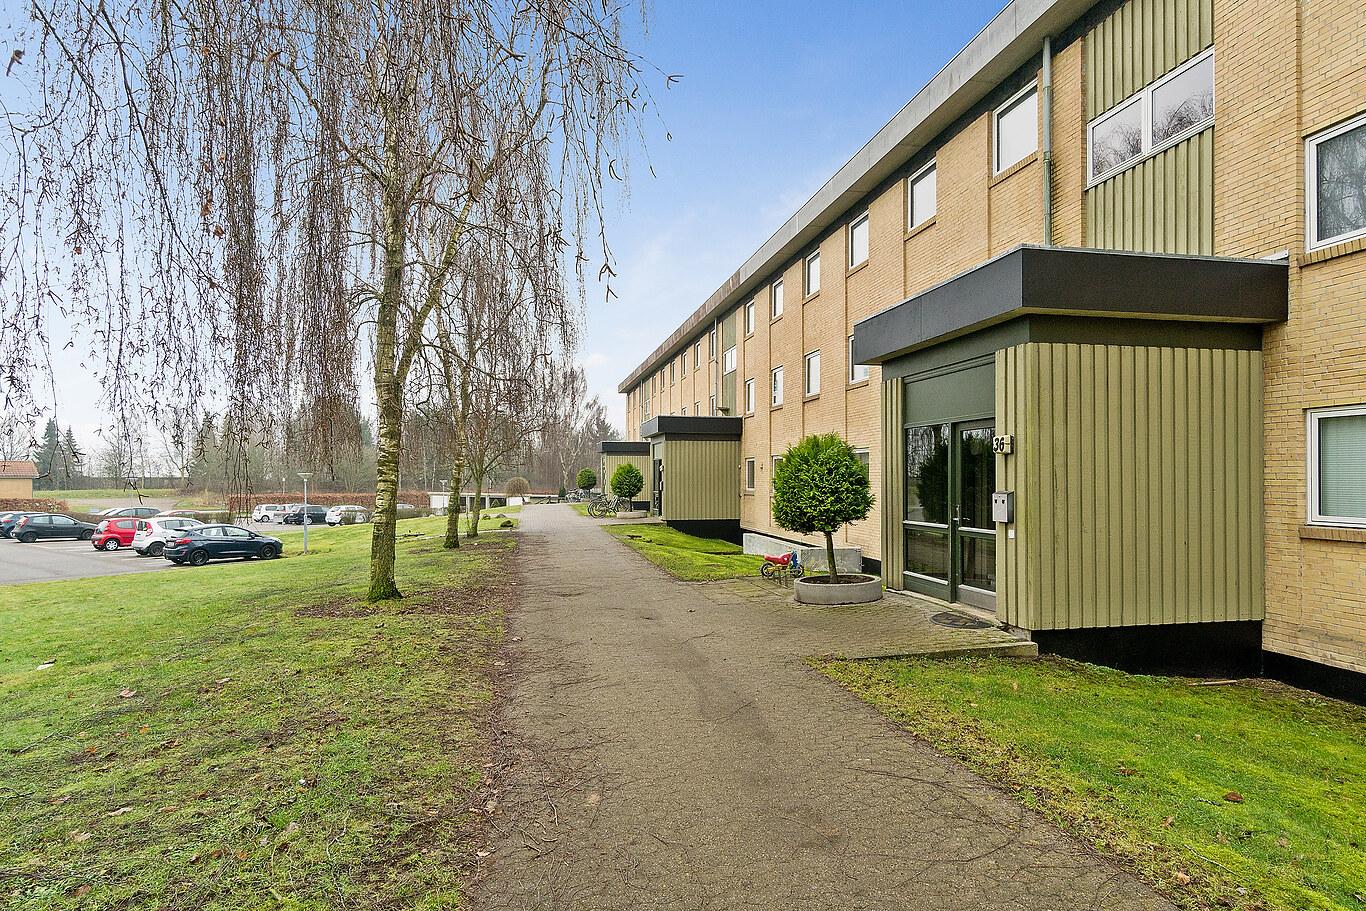 3 værelses lejlighed på 84 m²